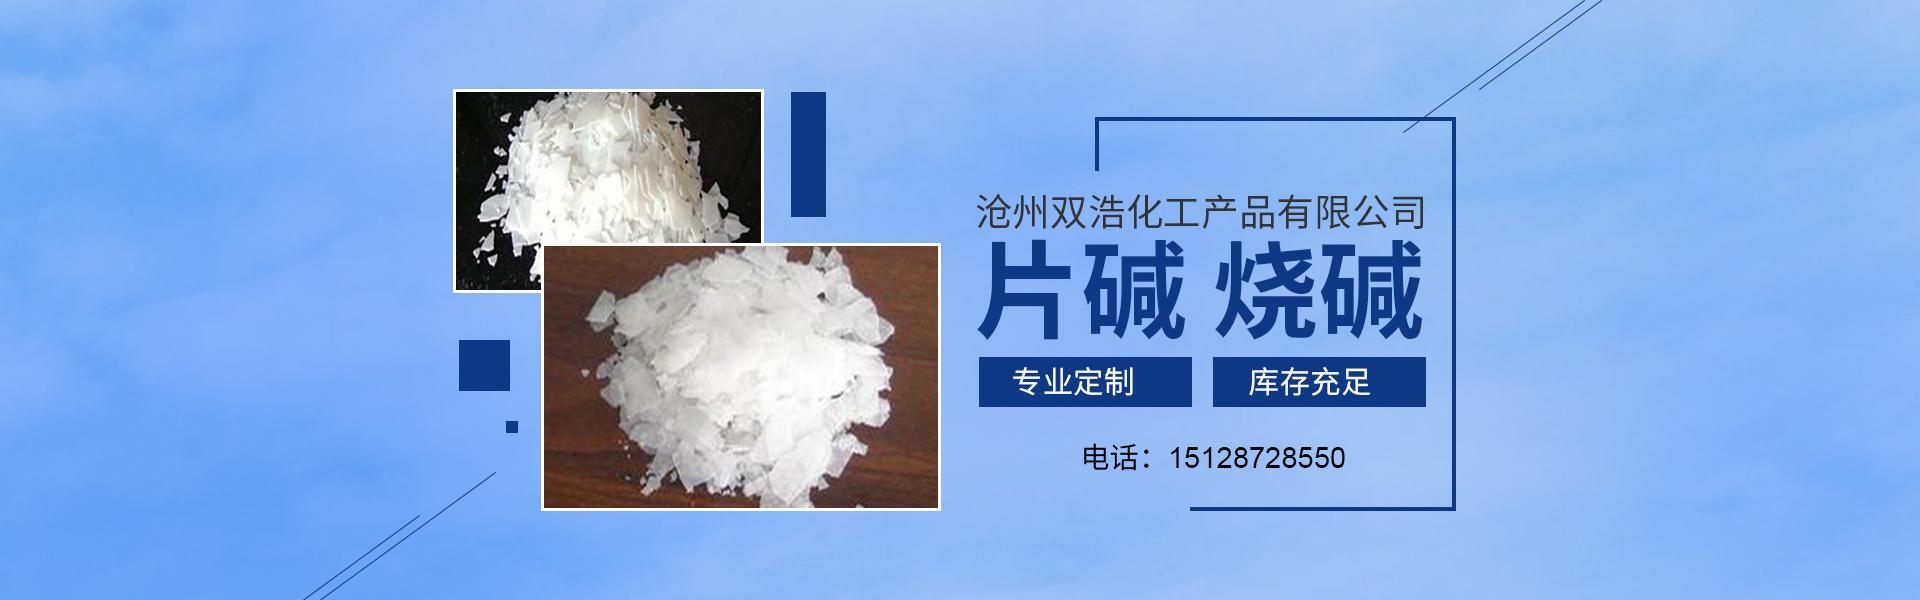 沧州双浩化工产品有限公司